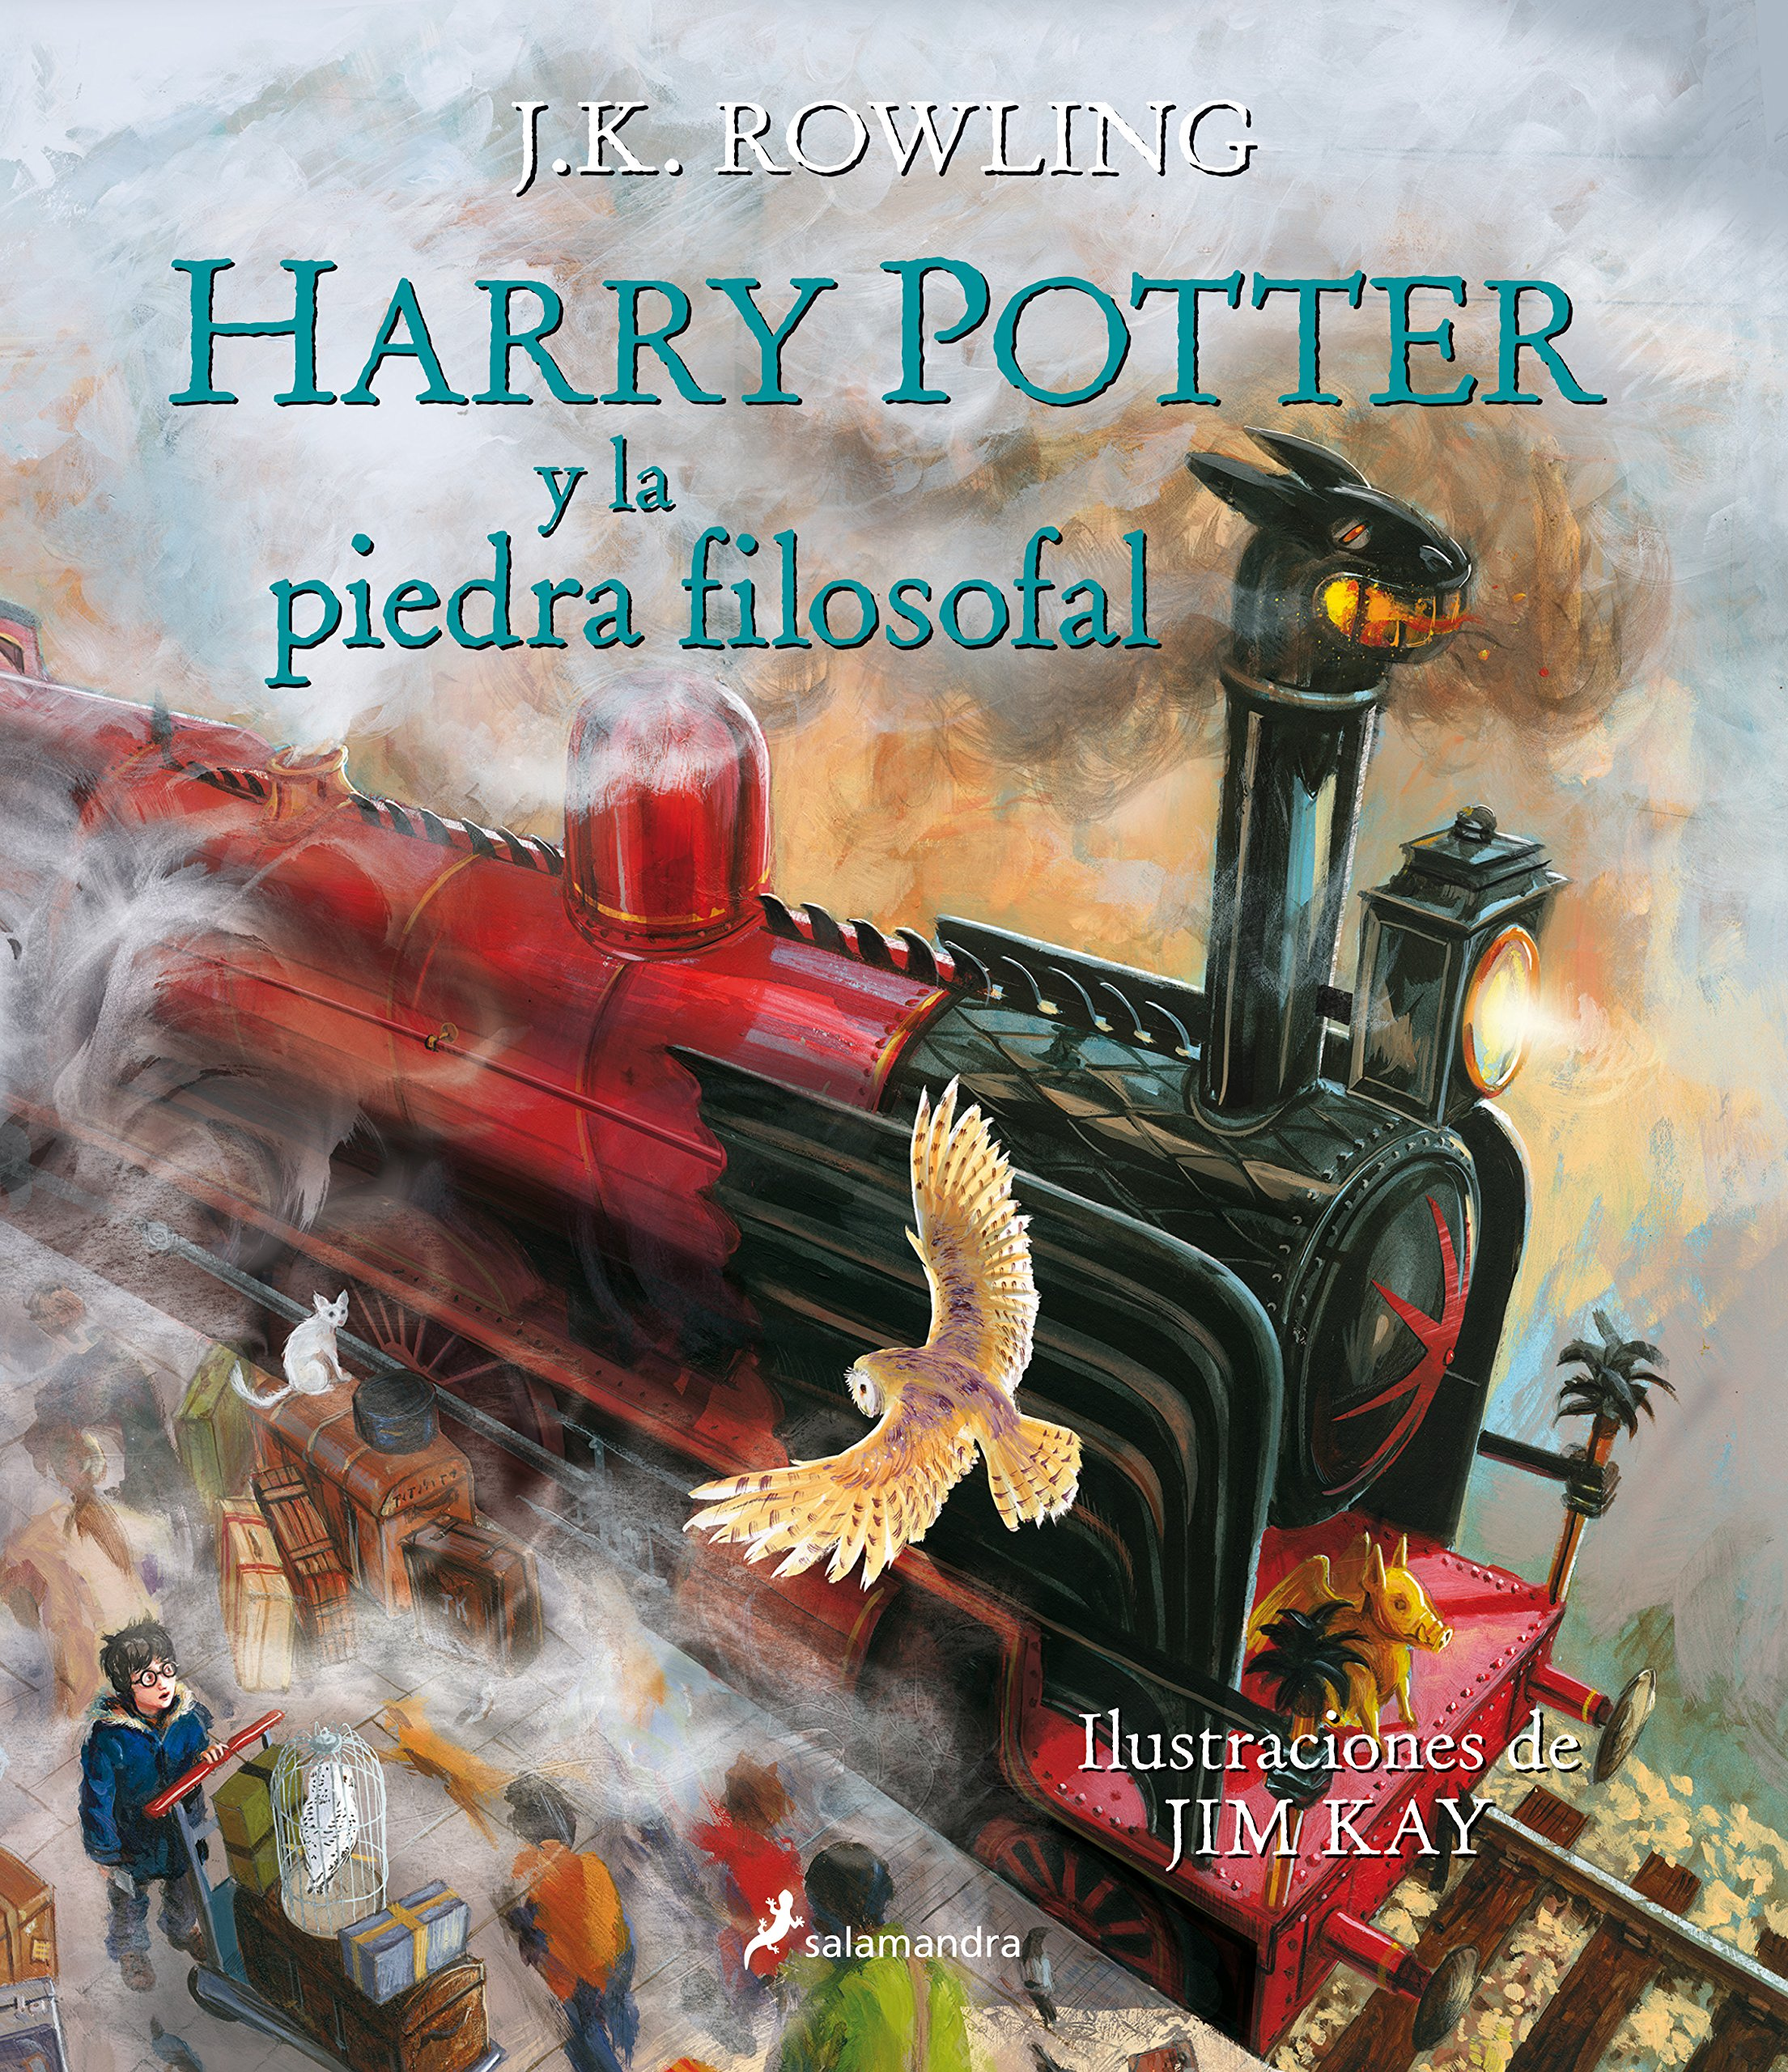 #Libro #HarryPotter y la piedra filosofal (edición ilustrada) por 30,40€